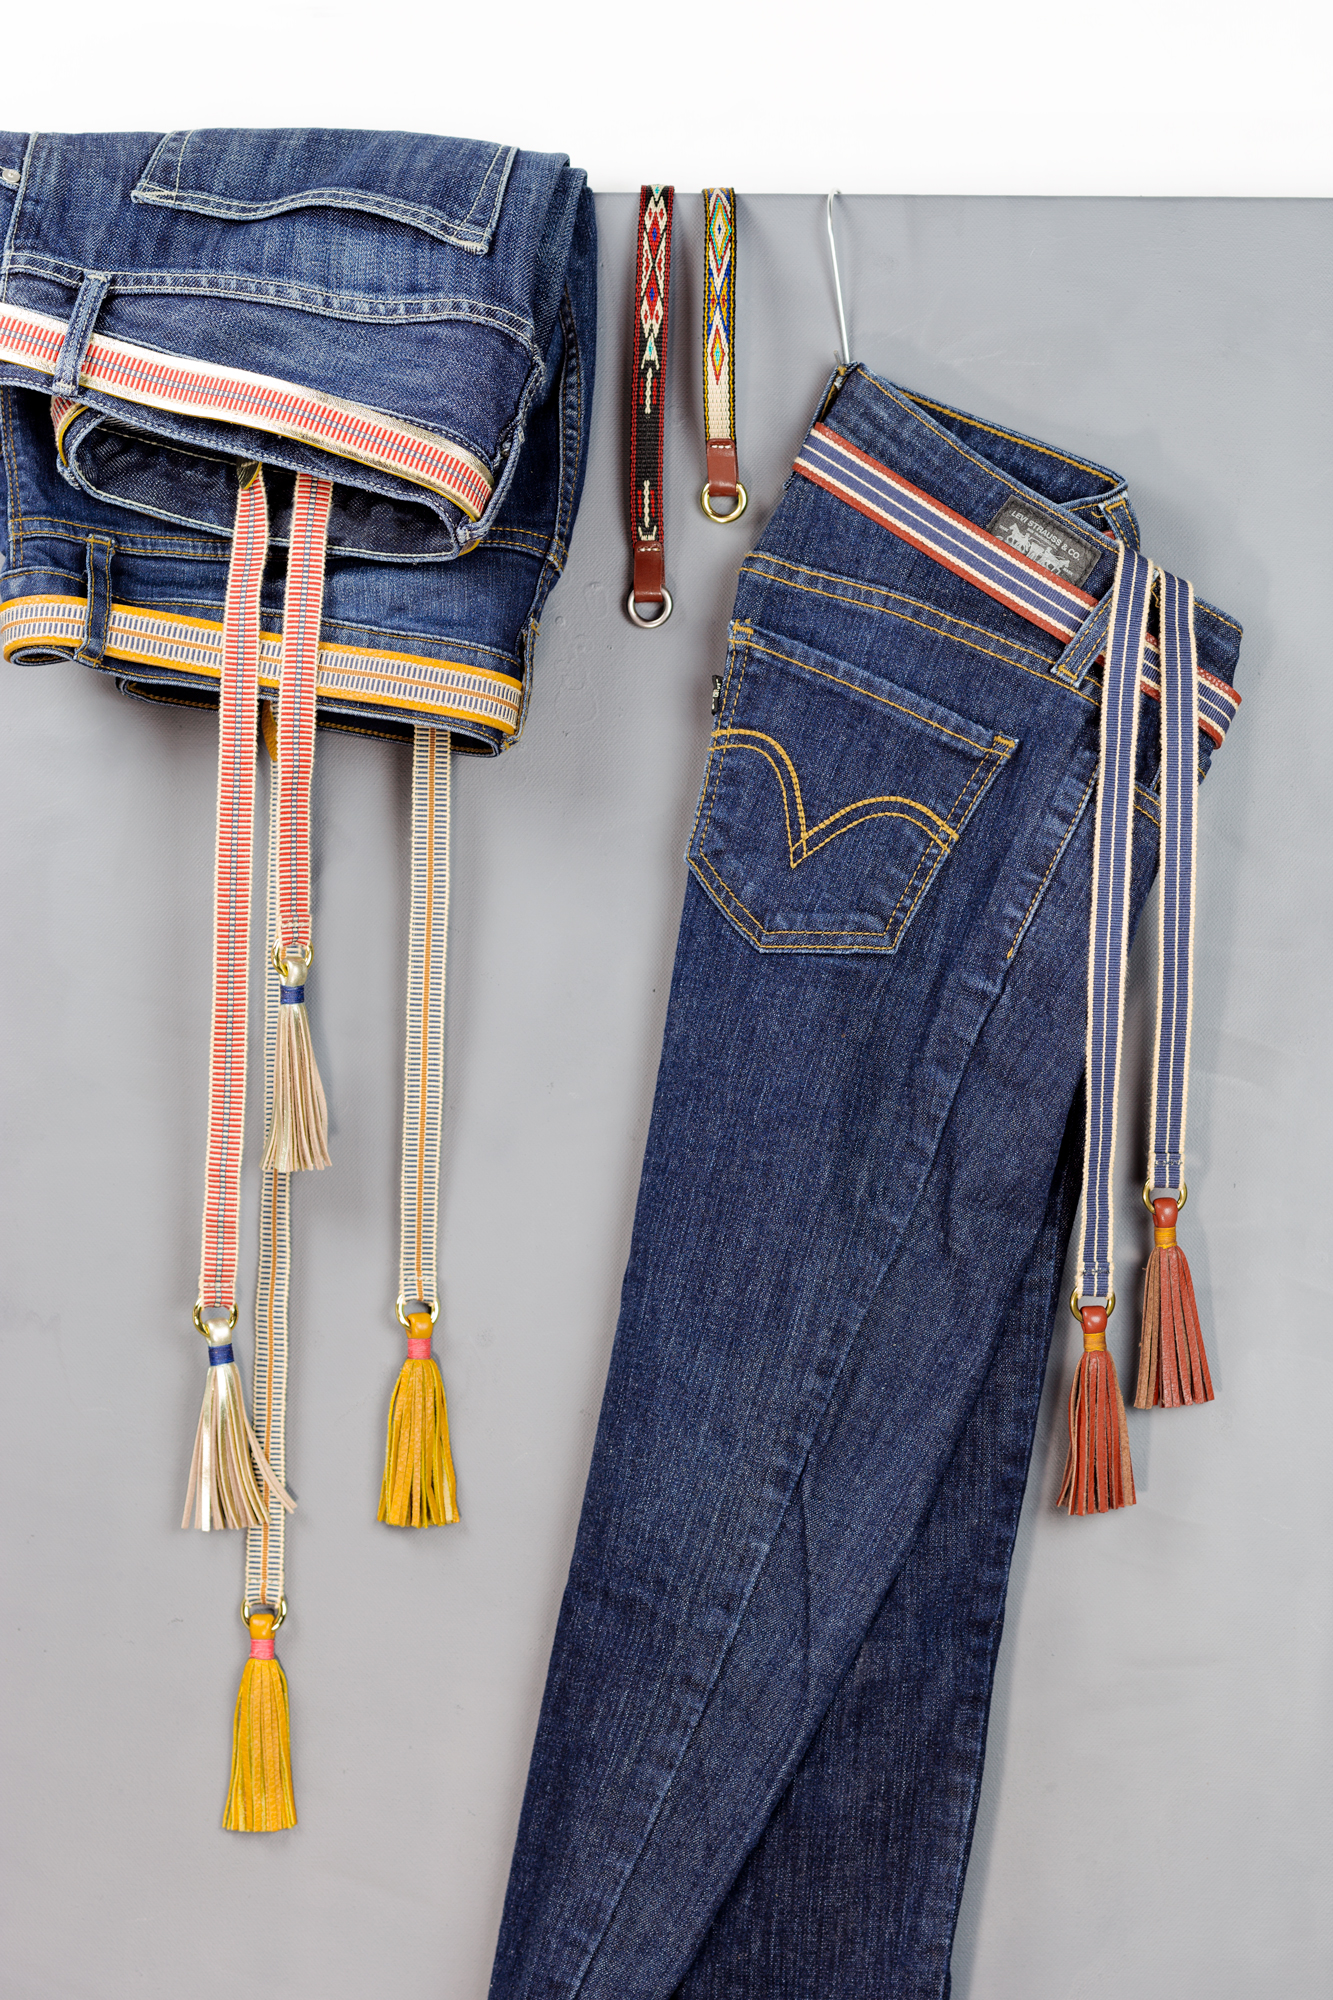 All-Belts_9932.jpg